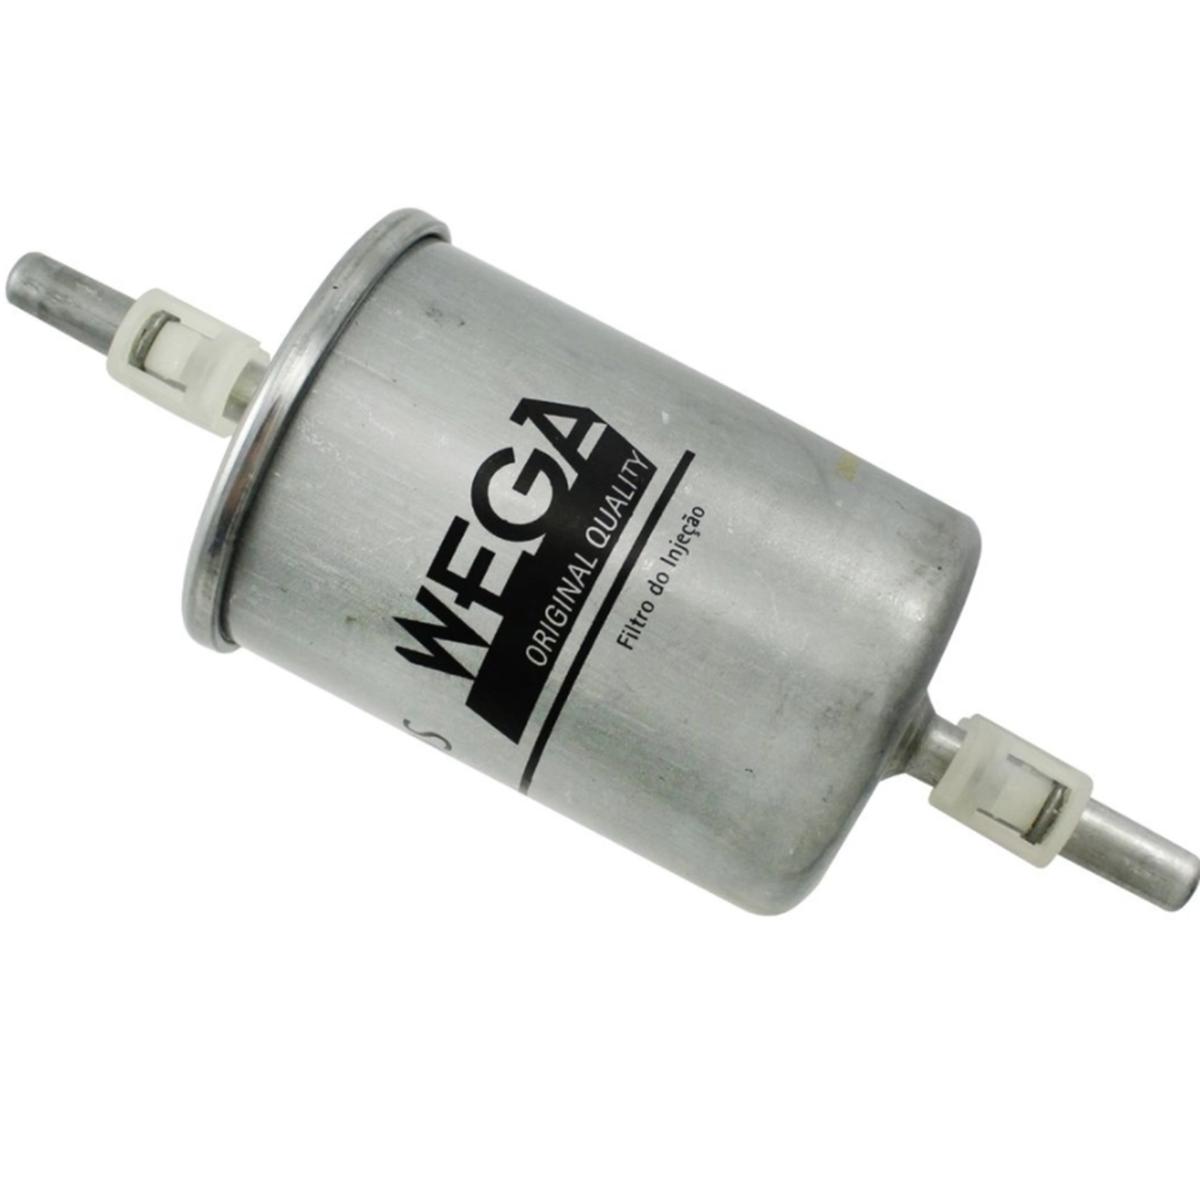 Filtro de combustível WEGA FCI1110S / Tecfil Gi 04/7 em até 6x sem juros